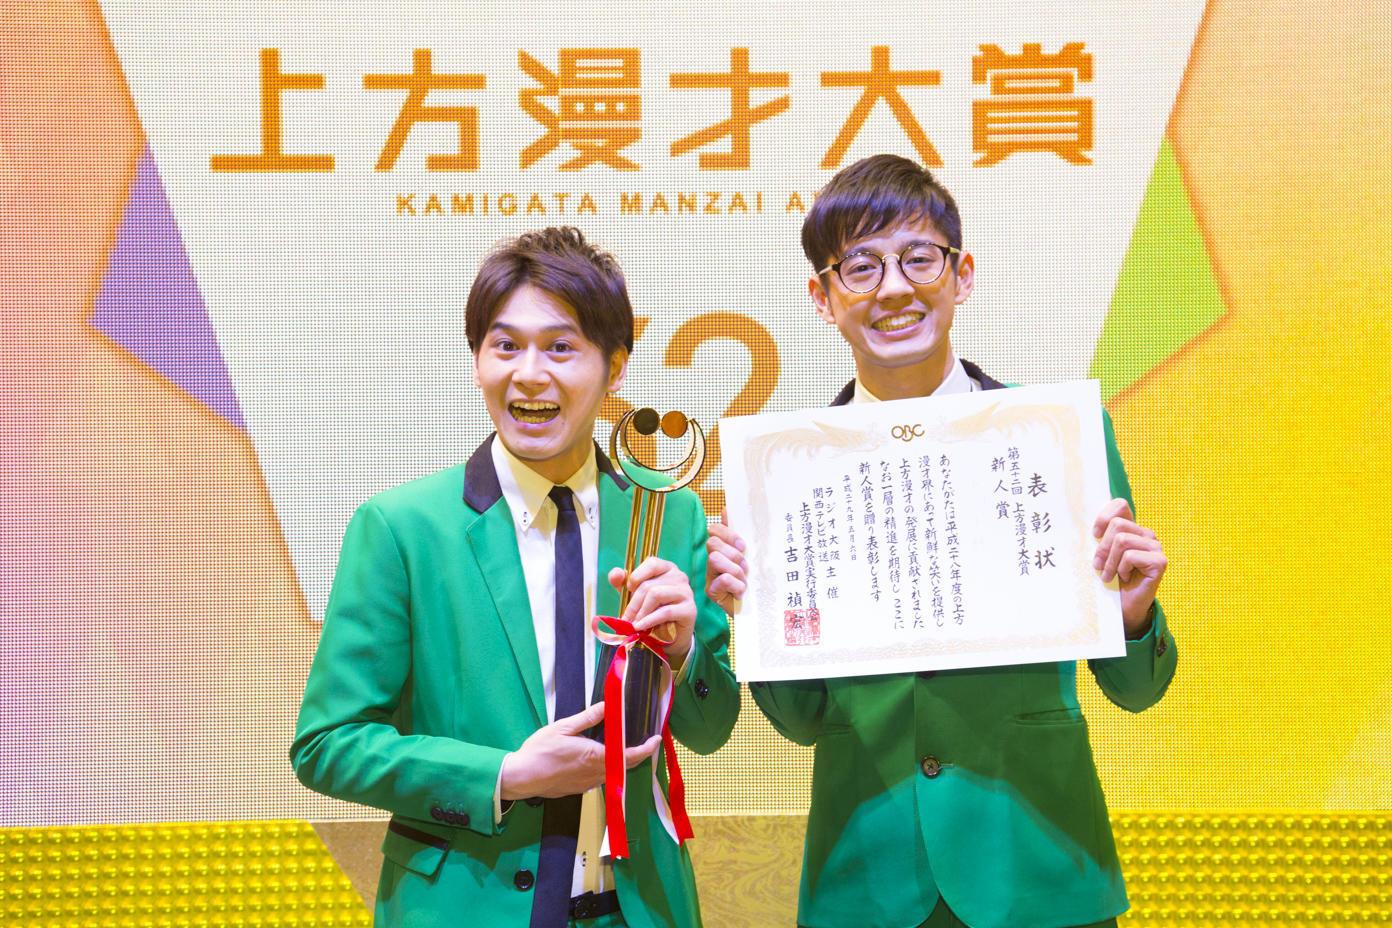 http://news.yoshimoto.co.jp/20170507224009-5b0c77f84e3199f79079f2b9f87dc8f3027b0202.jpg